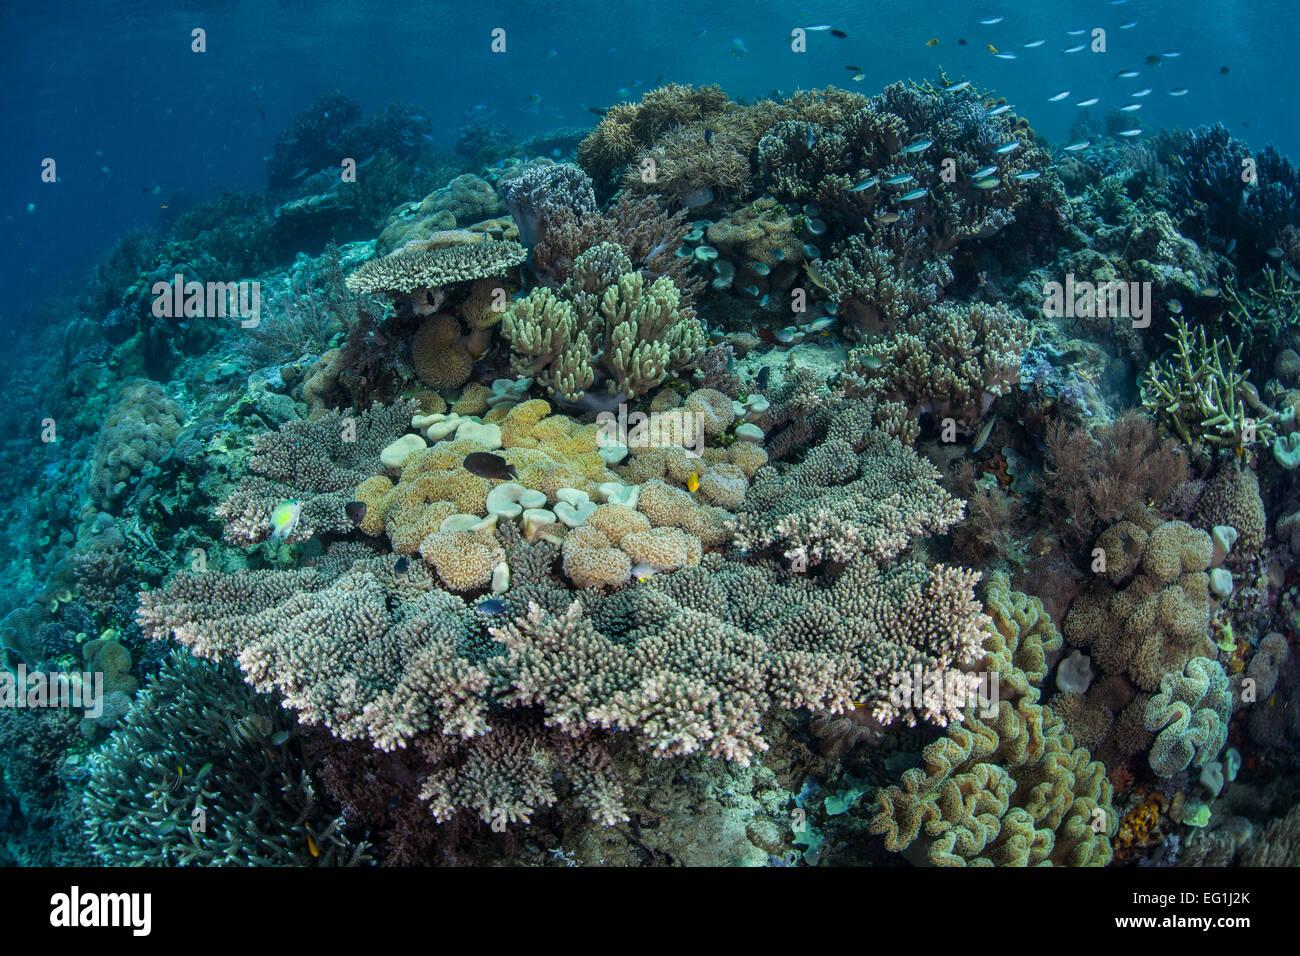 Un récif corallien sain et diversifié pousse dans les Raja Ampat, en Indonésie. Cette région Photo Stock